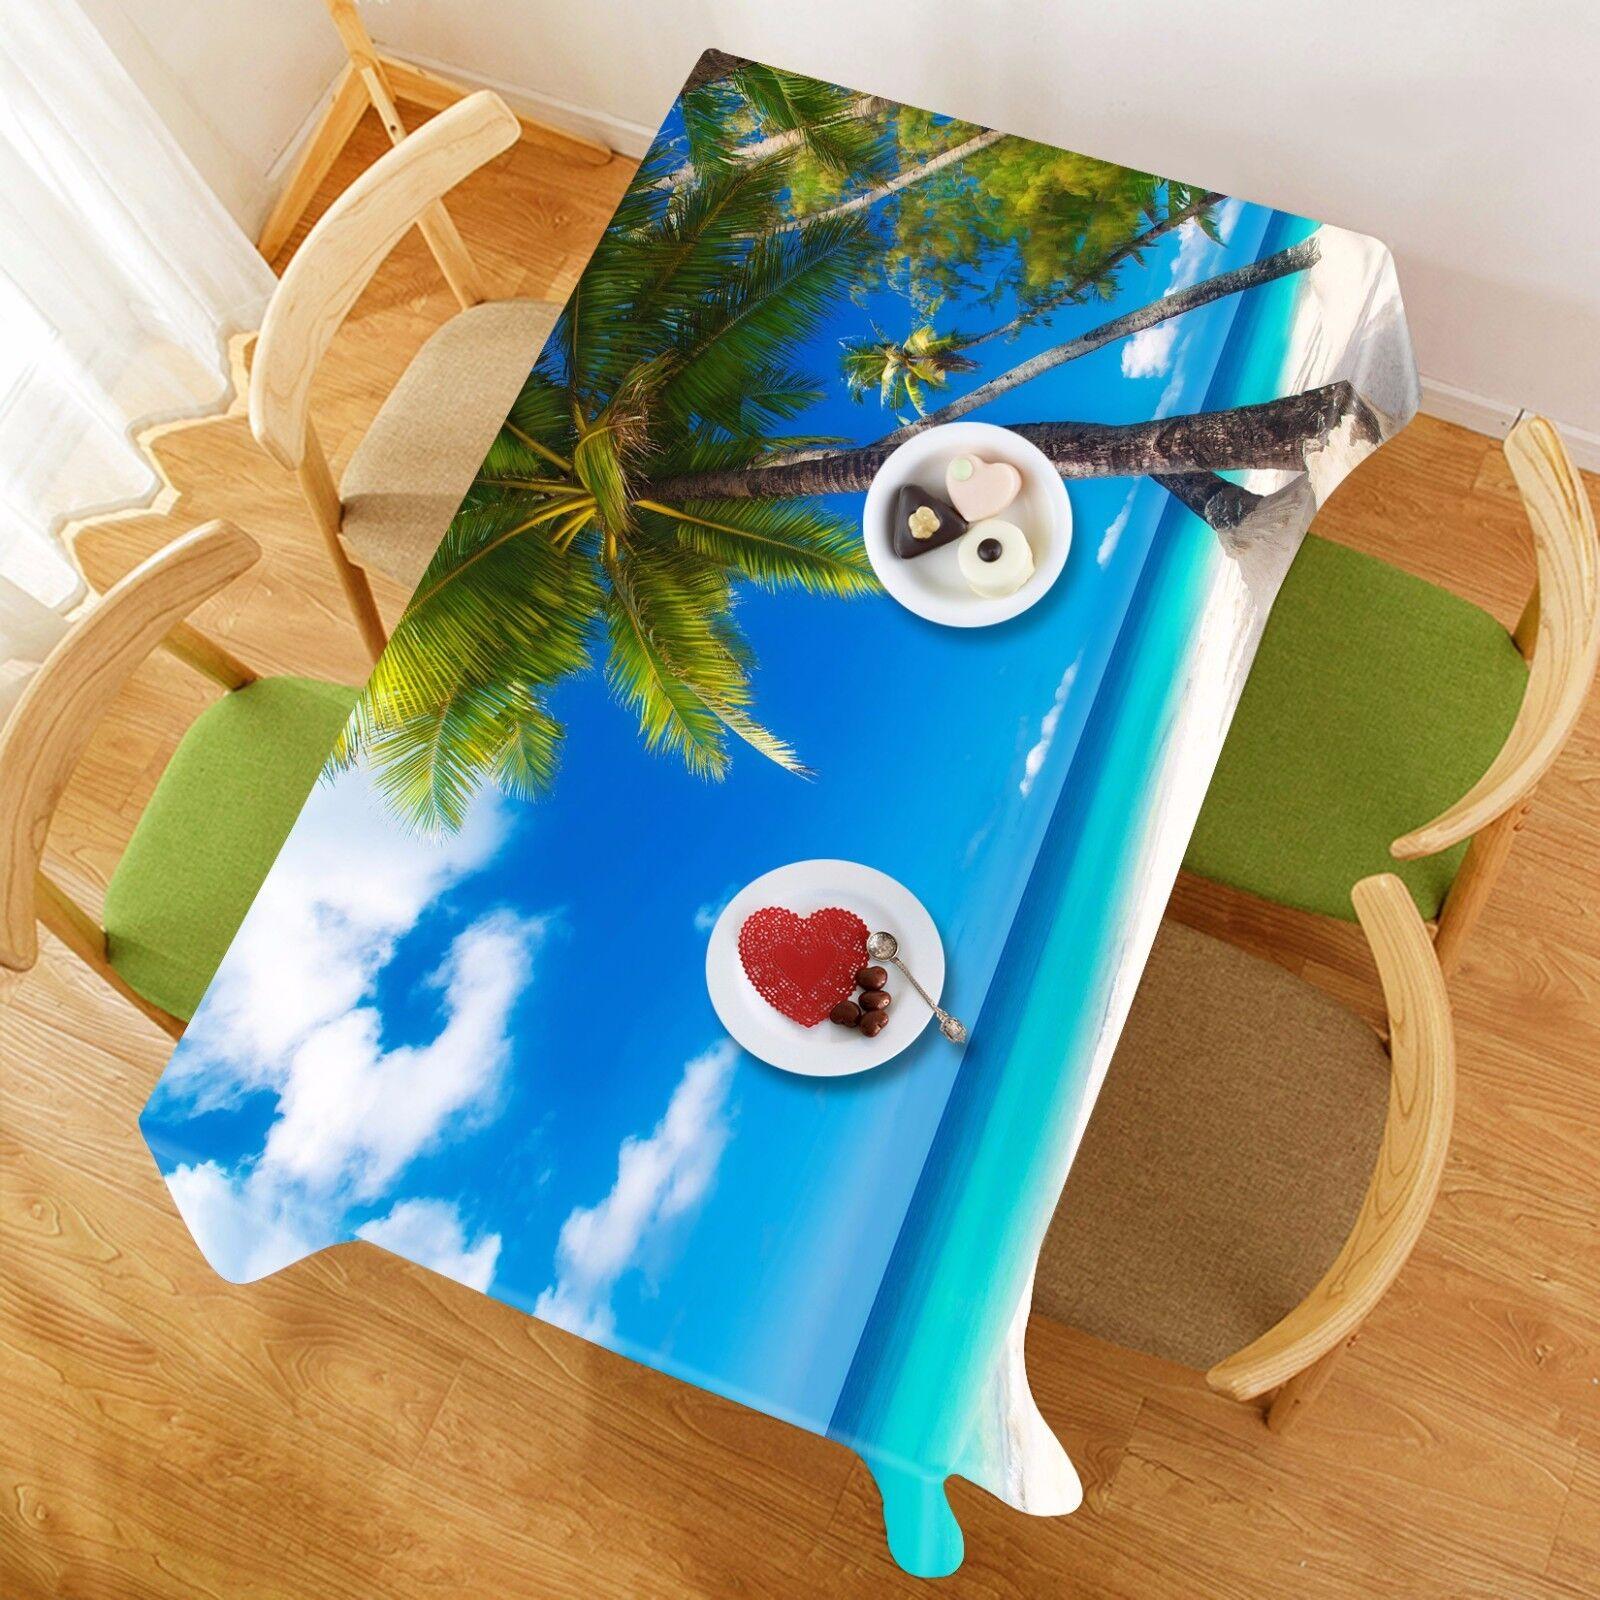 3D plage ciel Nappe Table Cover Cloth fête d'anniversaire AJ papier peint Royaume-Uni Citron